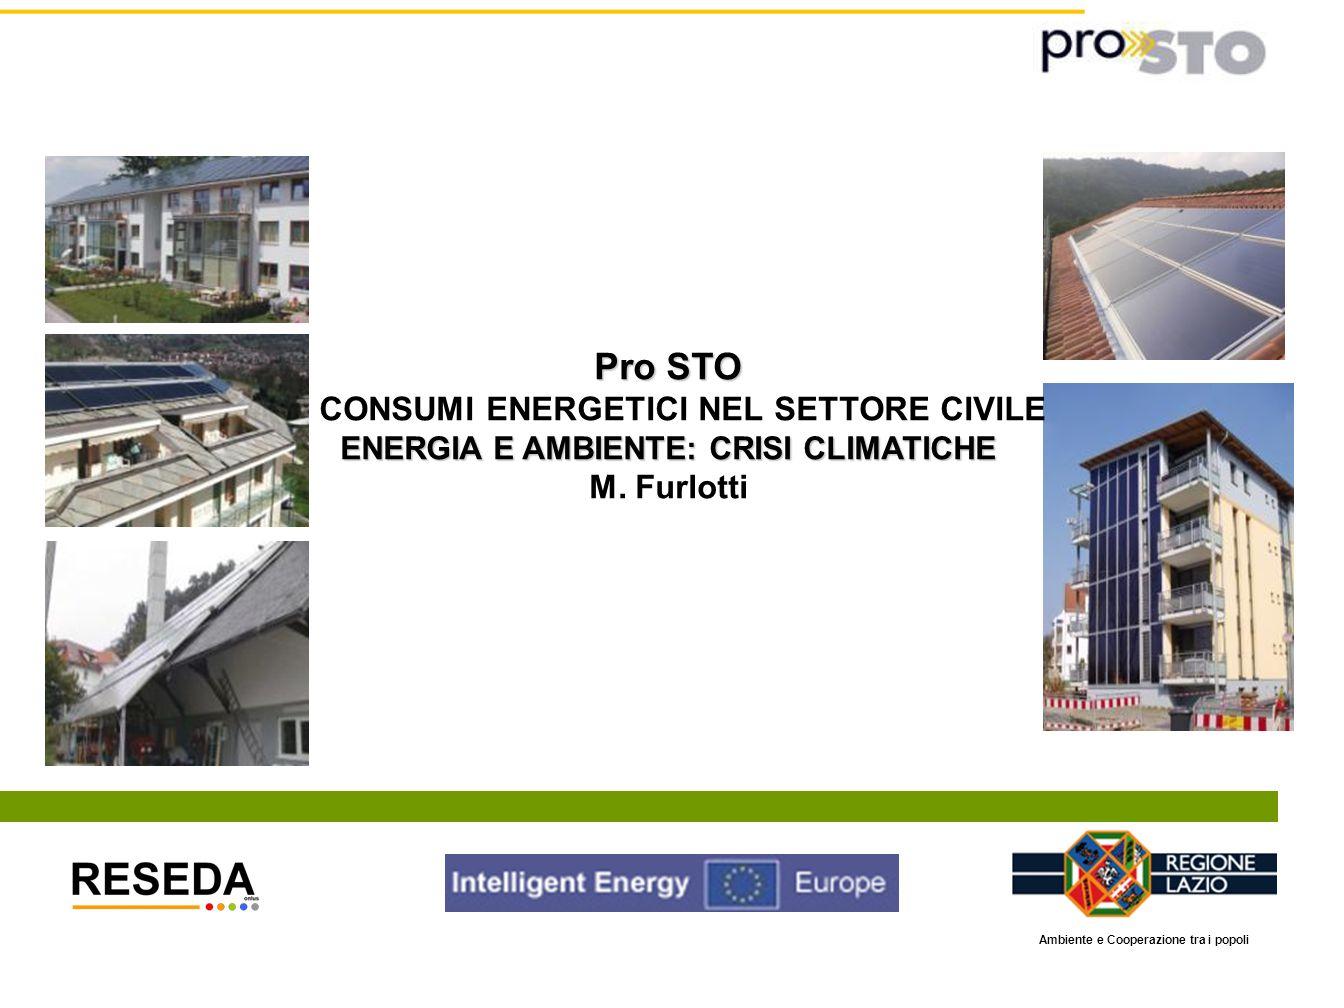 Pro STO CONSUMI ENERGETICI NEL SETTORE CIVILE M. Furlotti